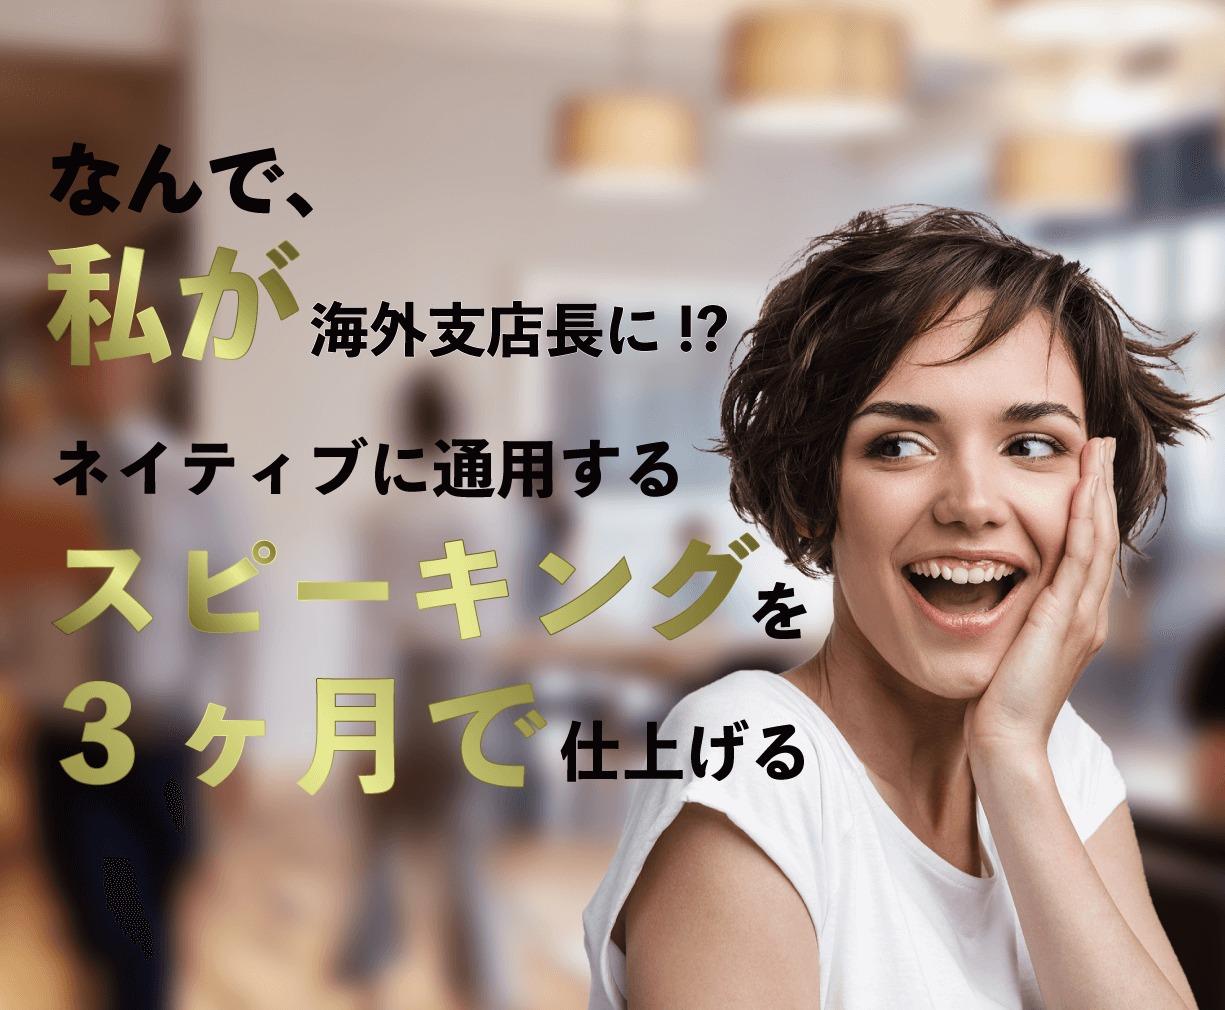 【実践型】超スパルタ英会話 – ミッション・コマンド・イングリッシュ